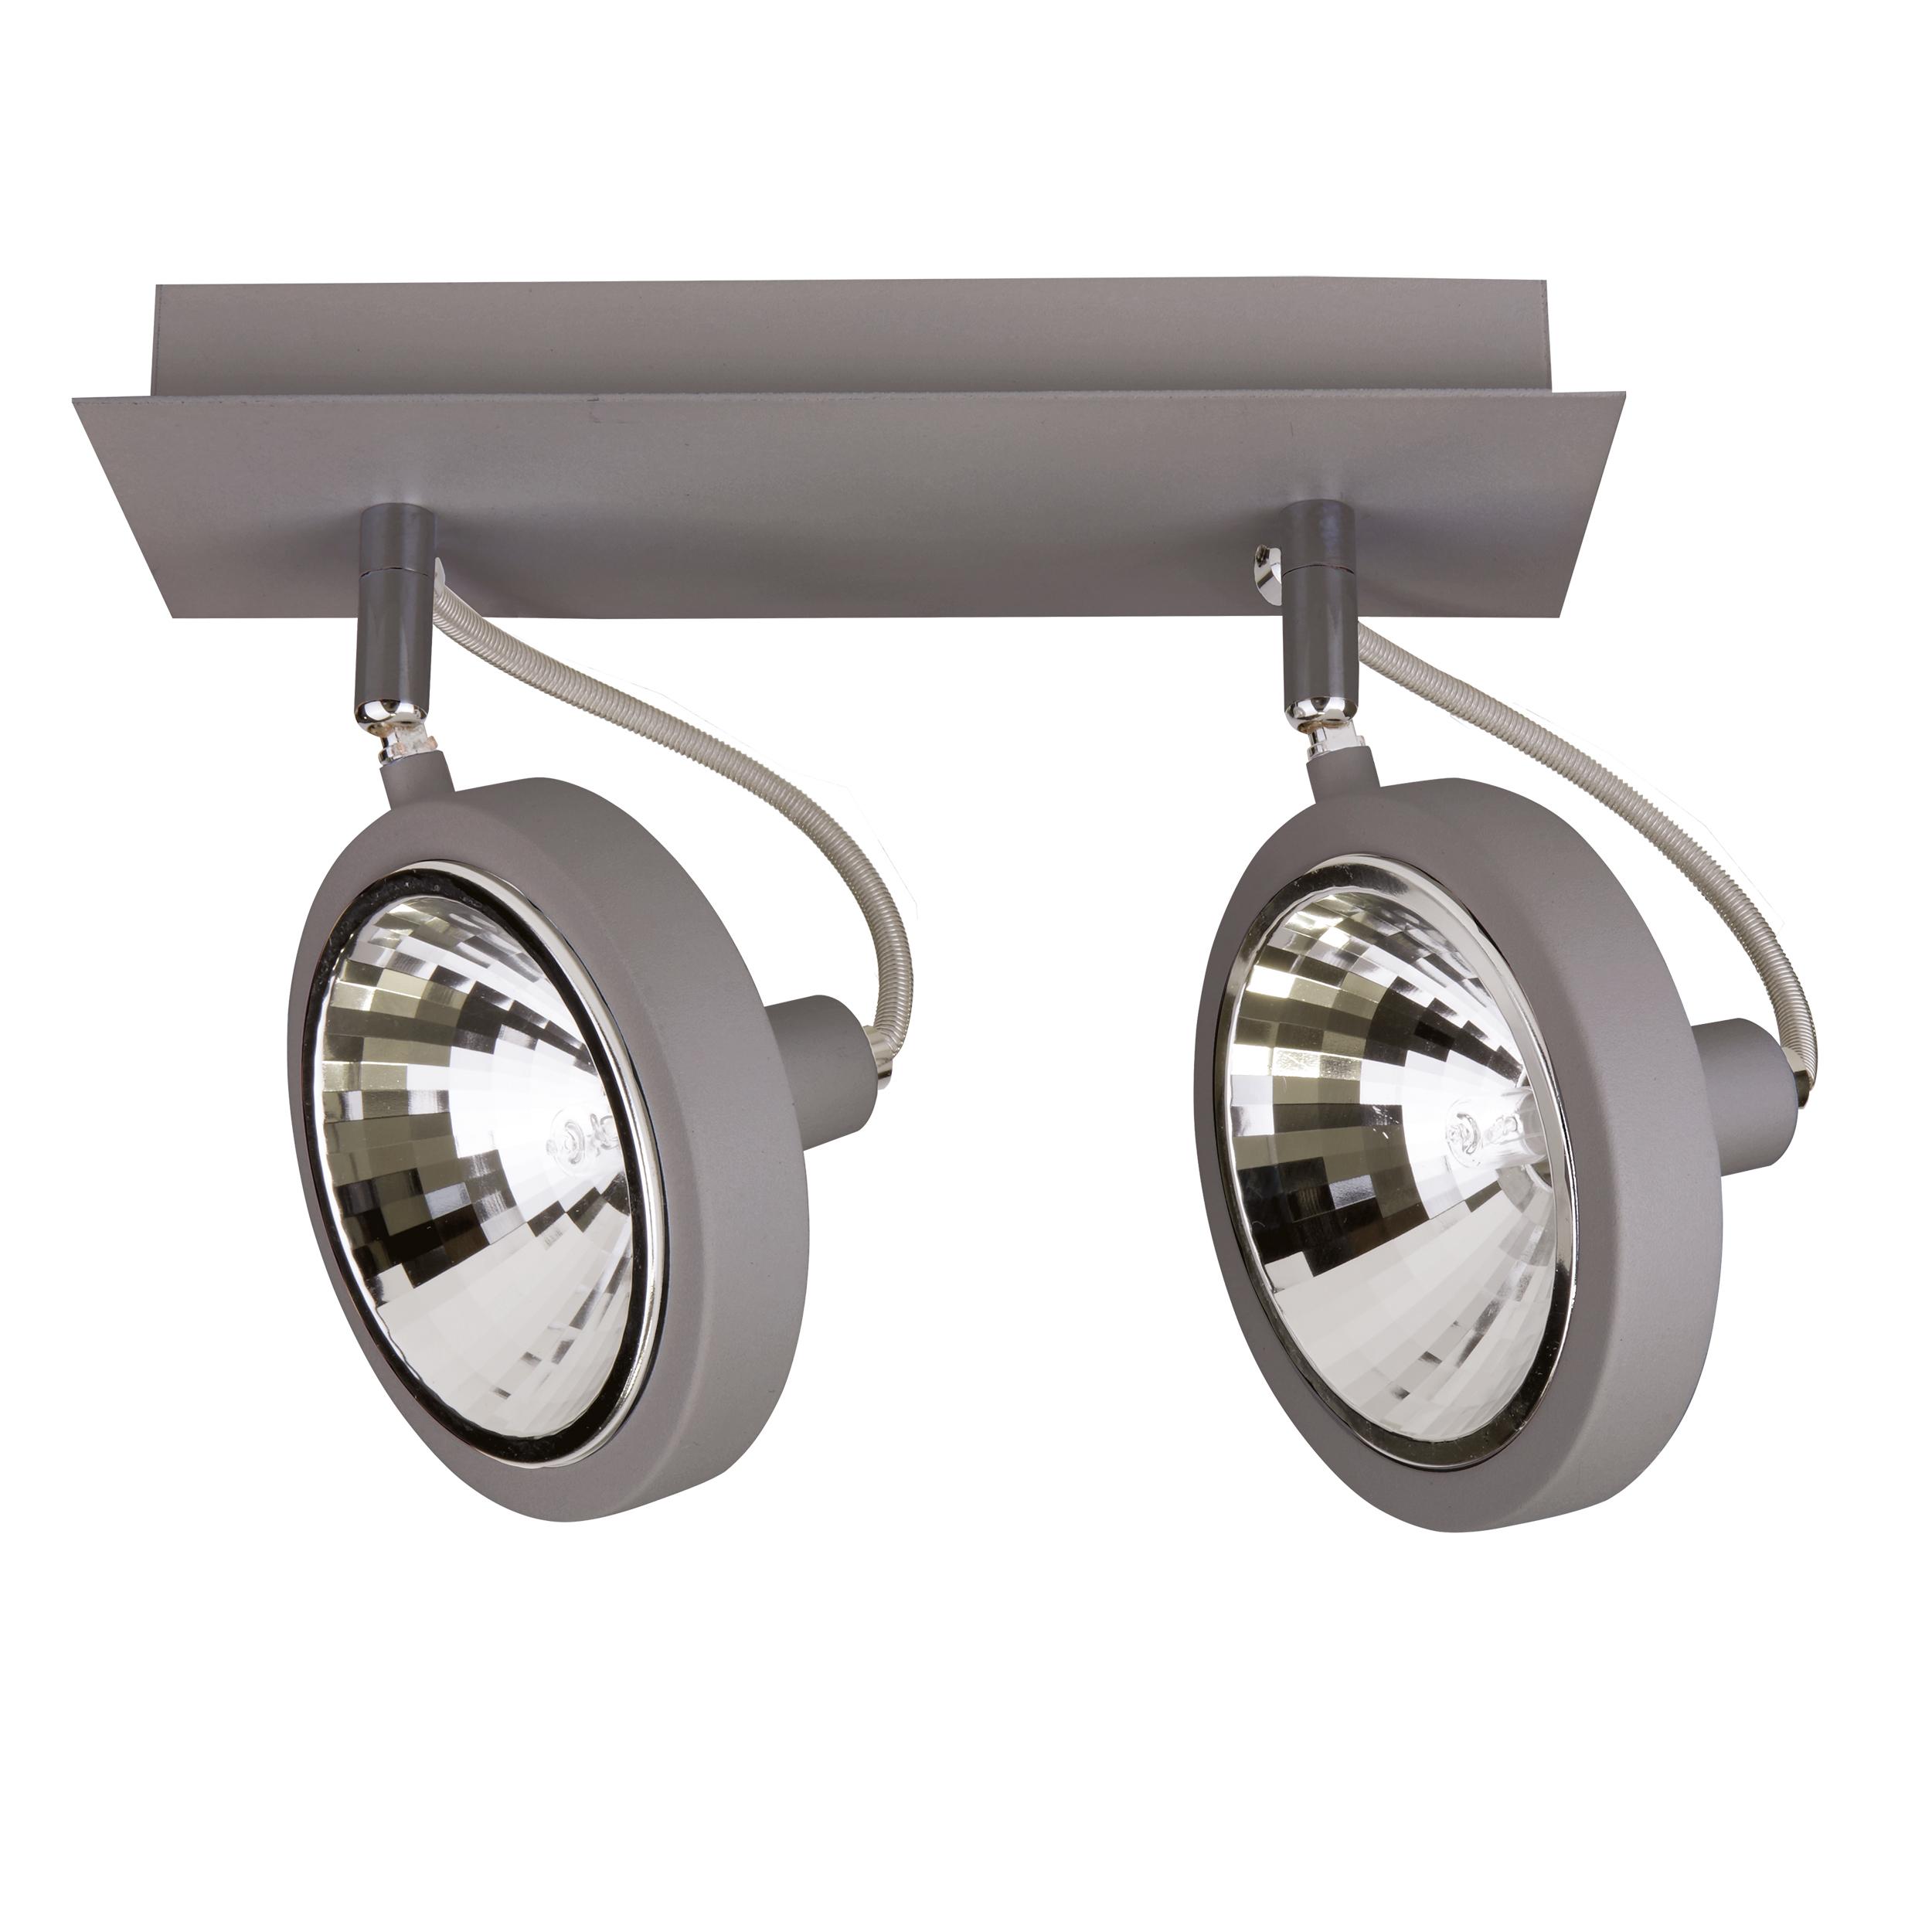 Потолочный светильник с регулировкой направления света Lightstar Varieta 9 210329, 2xG9x40W - фото 1